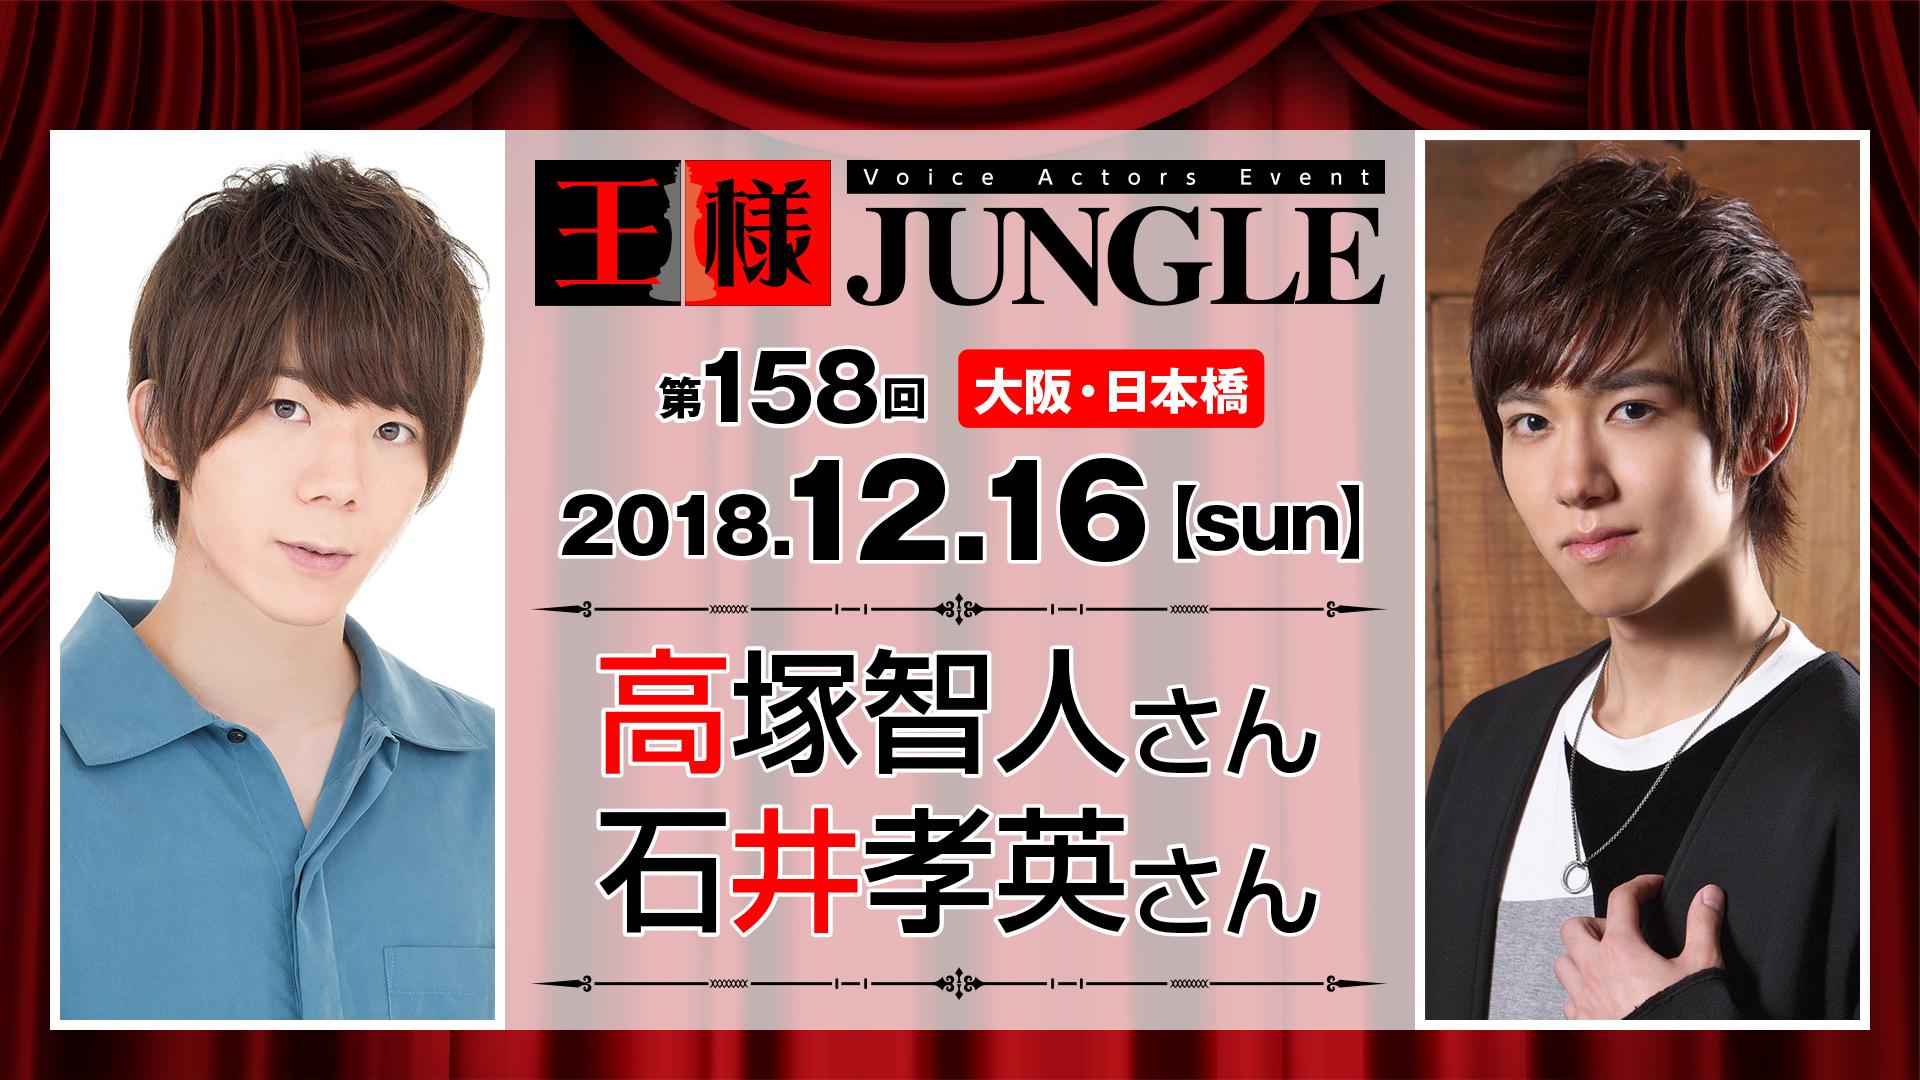 第158回 王様ジャングル ゲスト:高塚智人さん 石井孝英さん